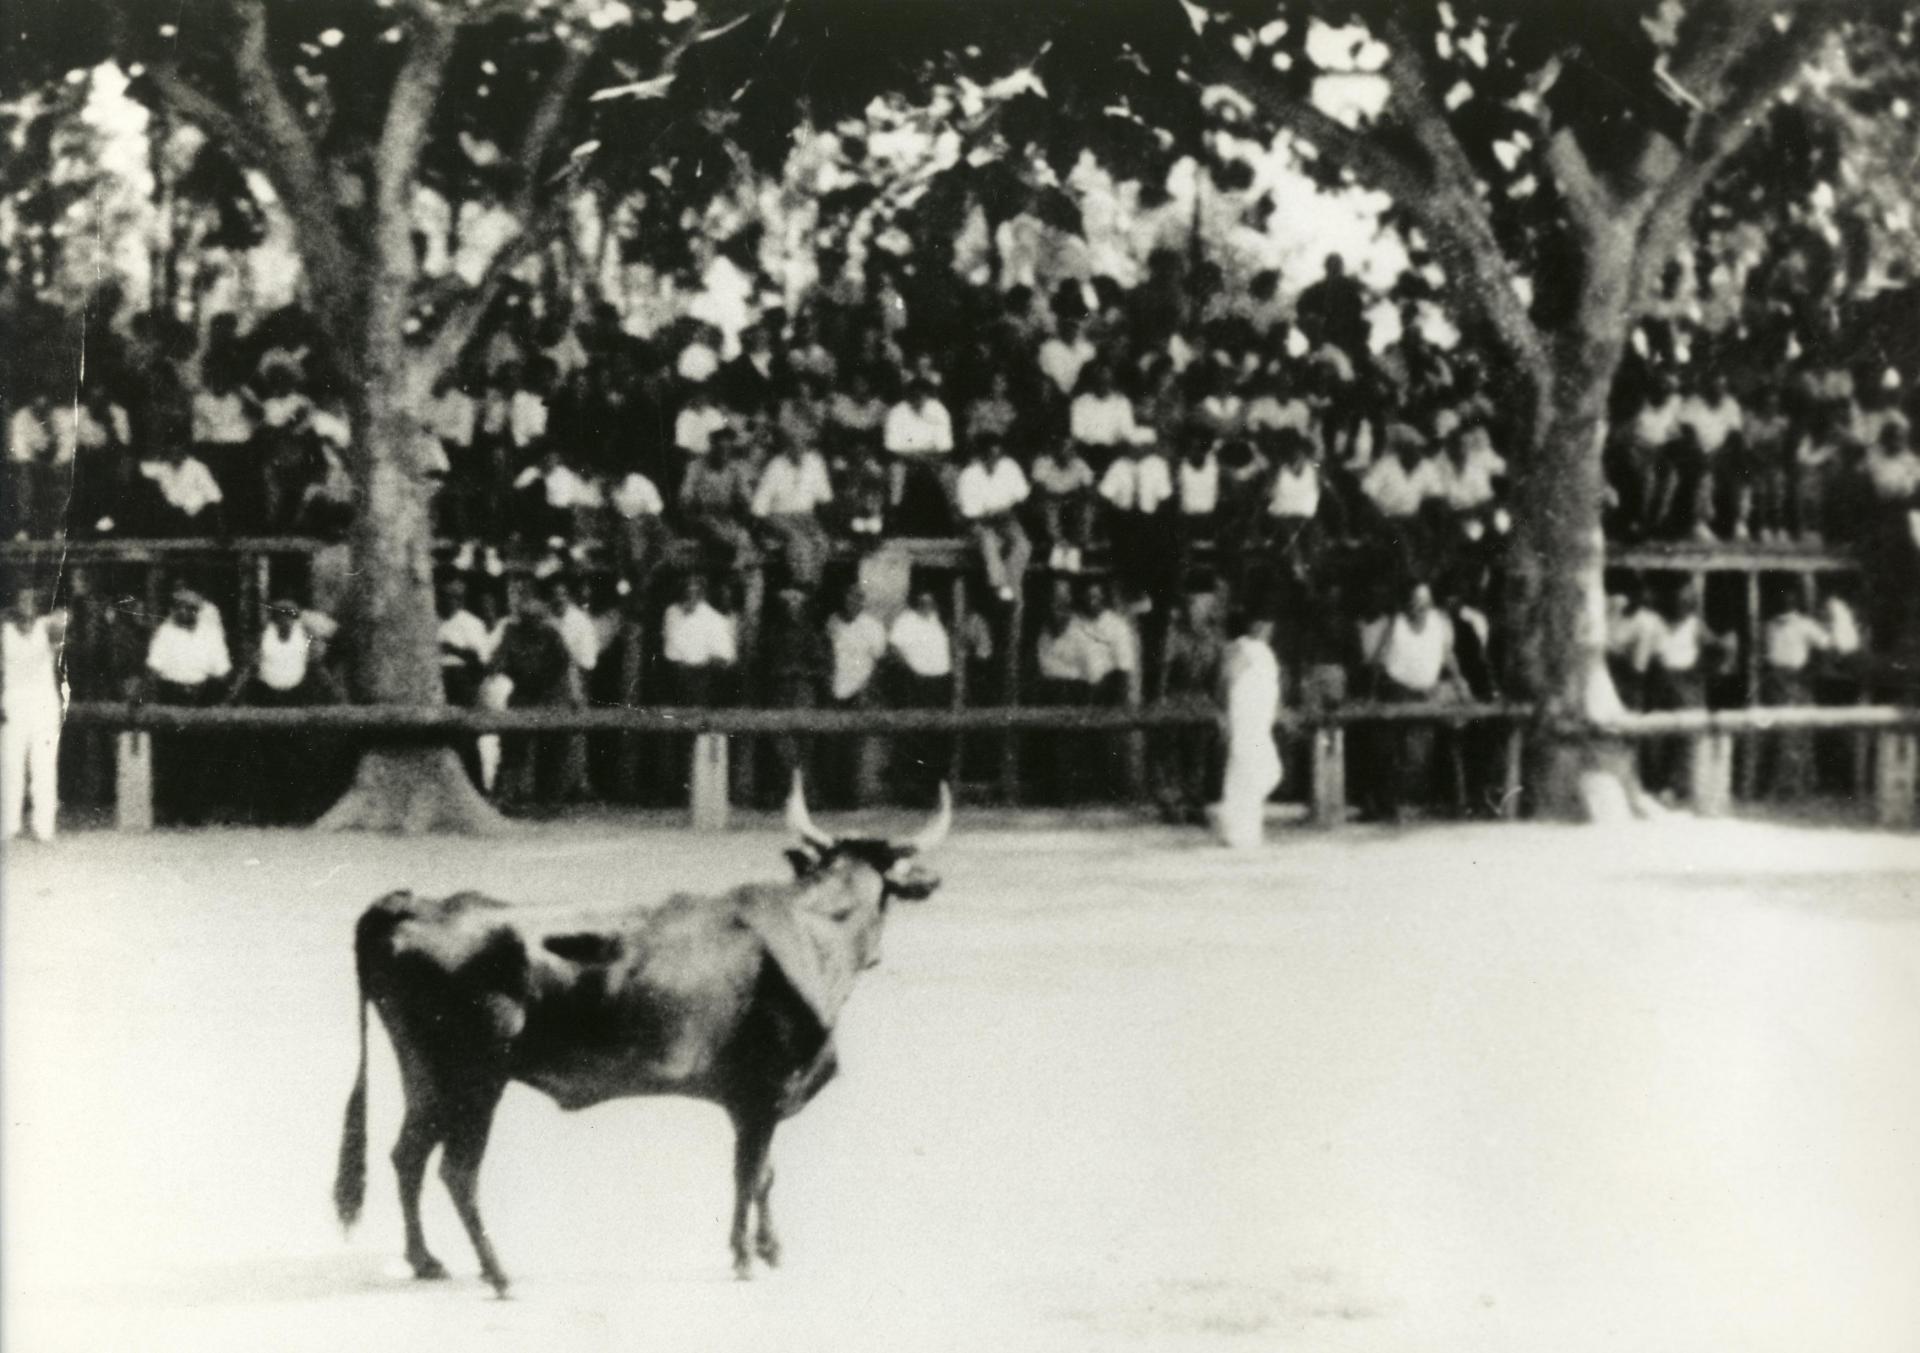 Arenes 1930 1940